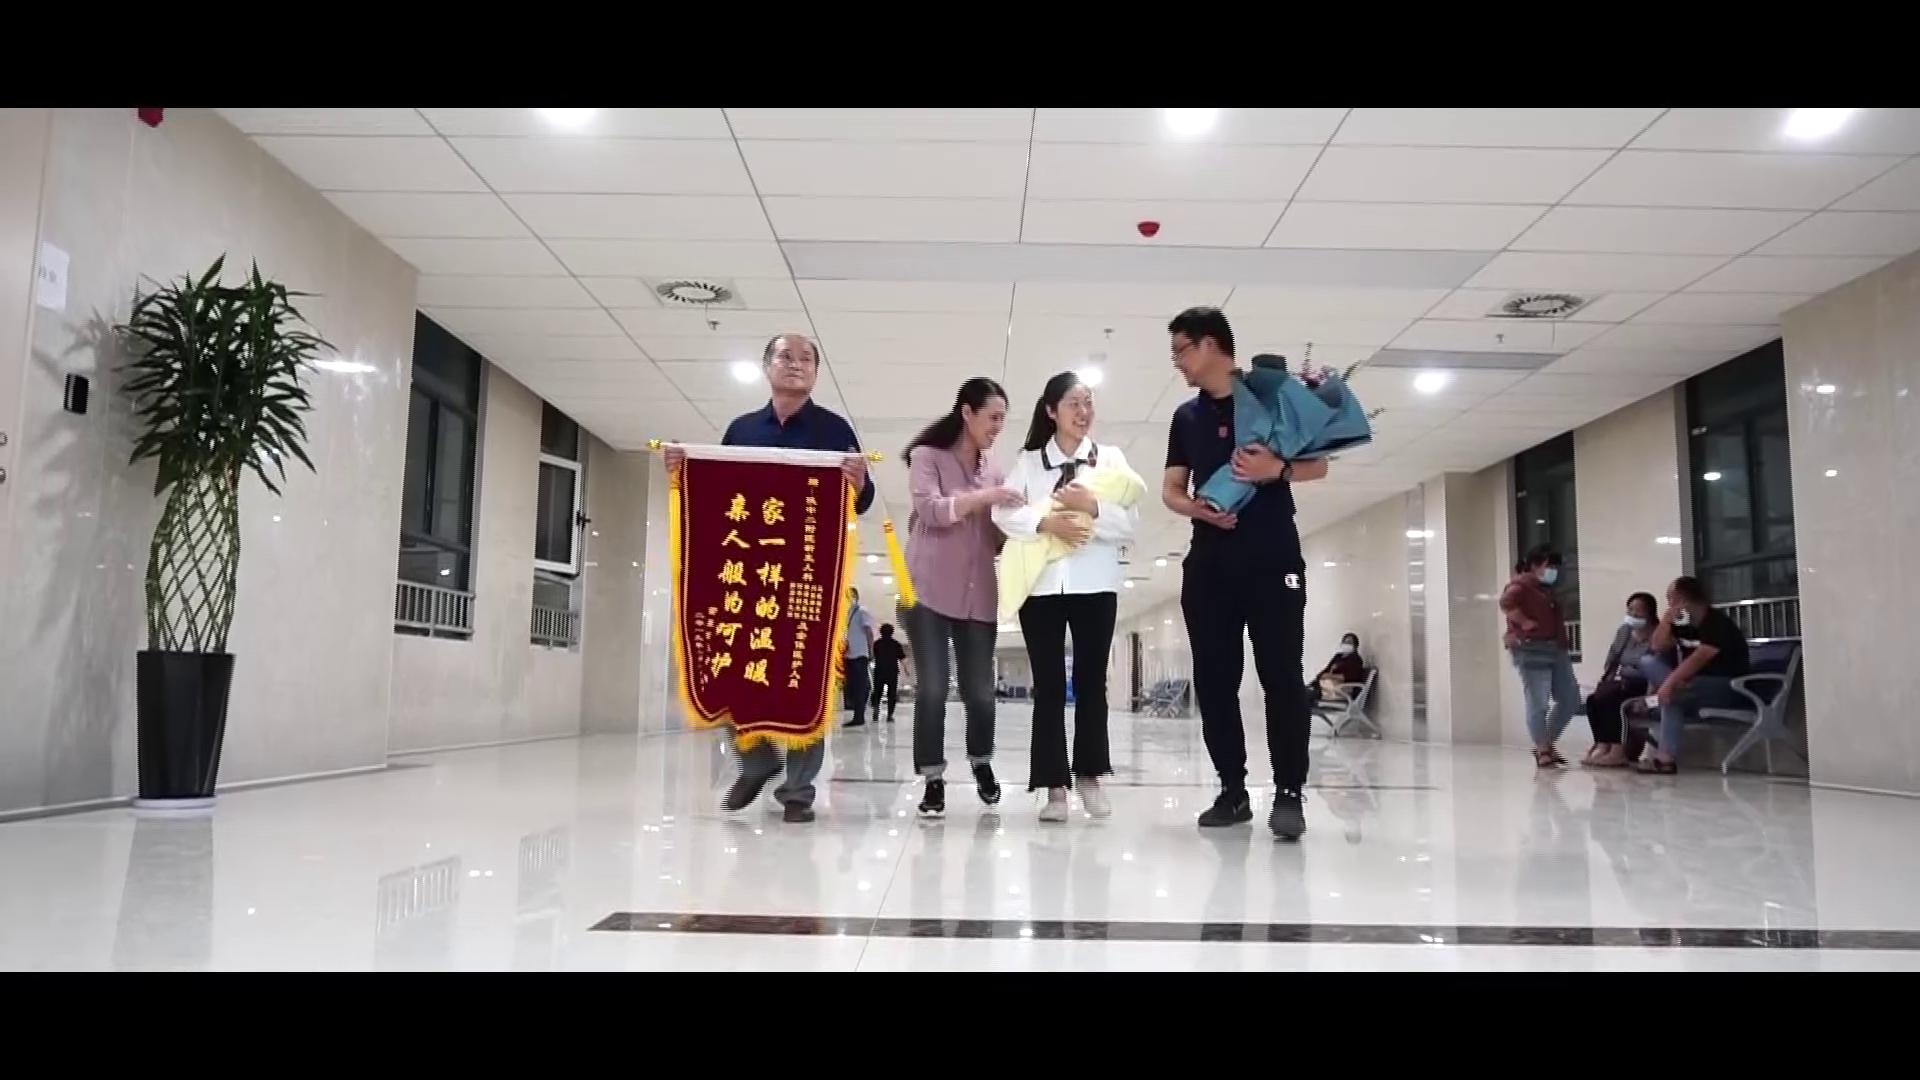 陕西中医药大学第二附属医院:重生